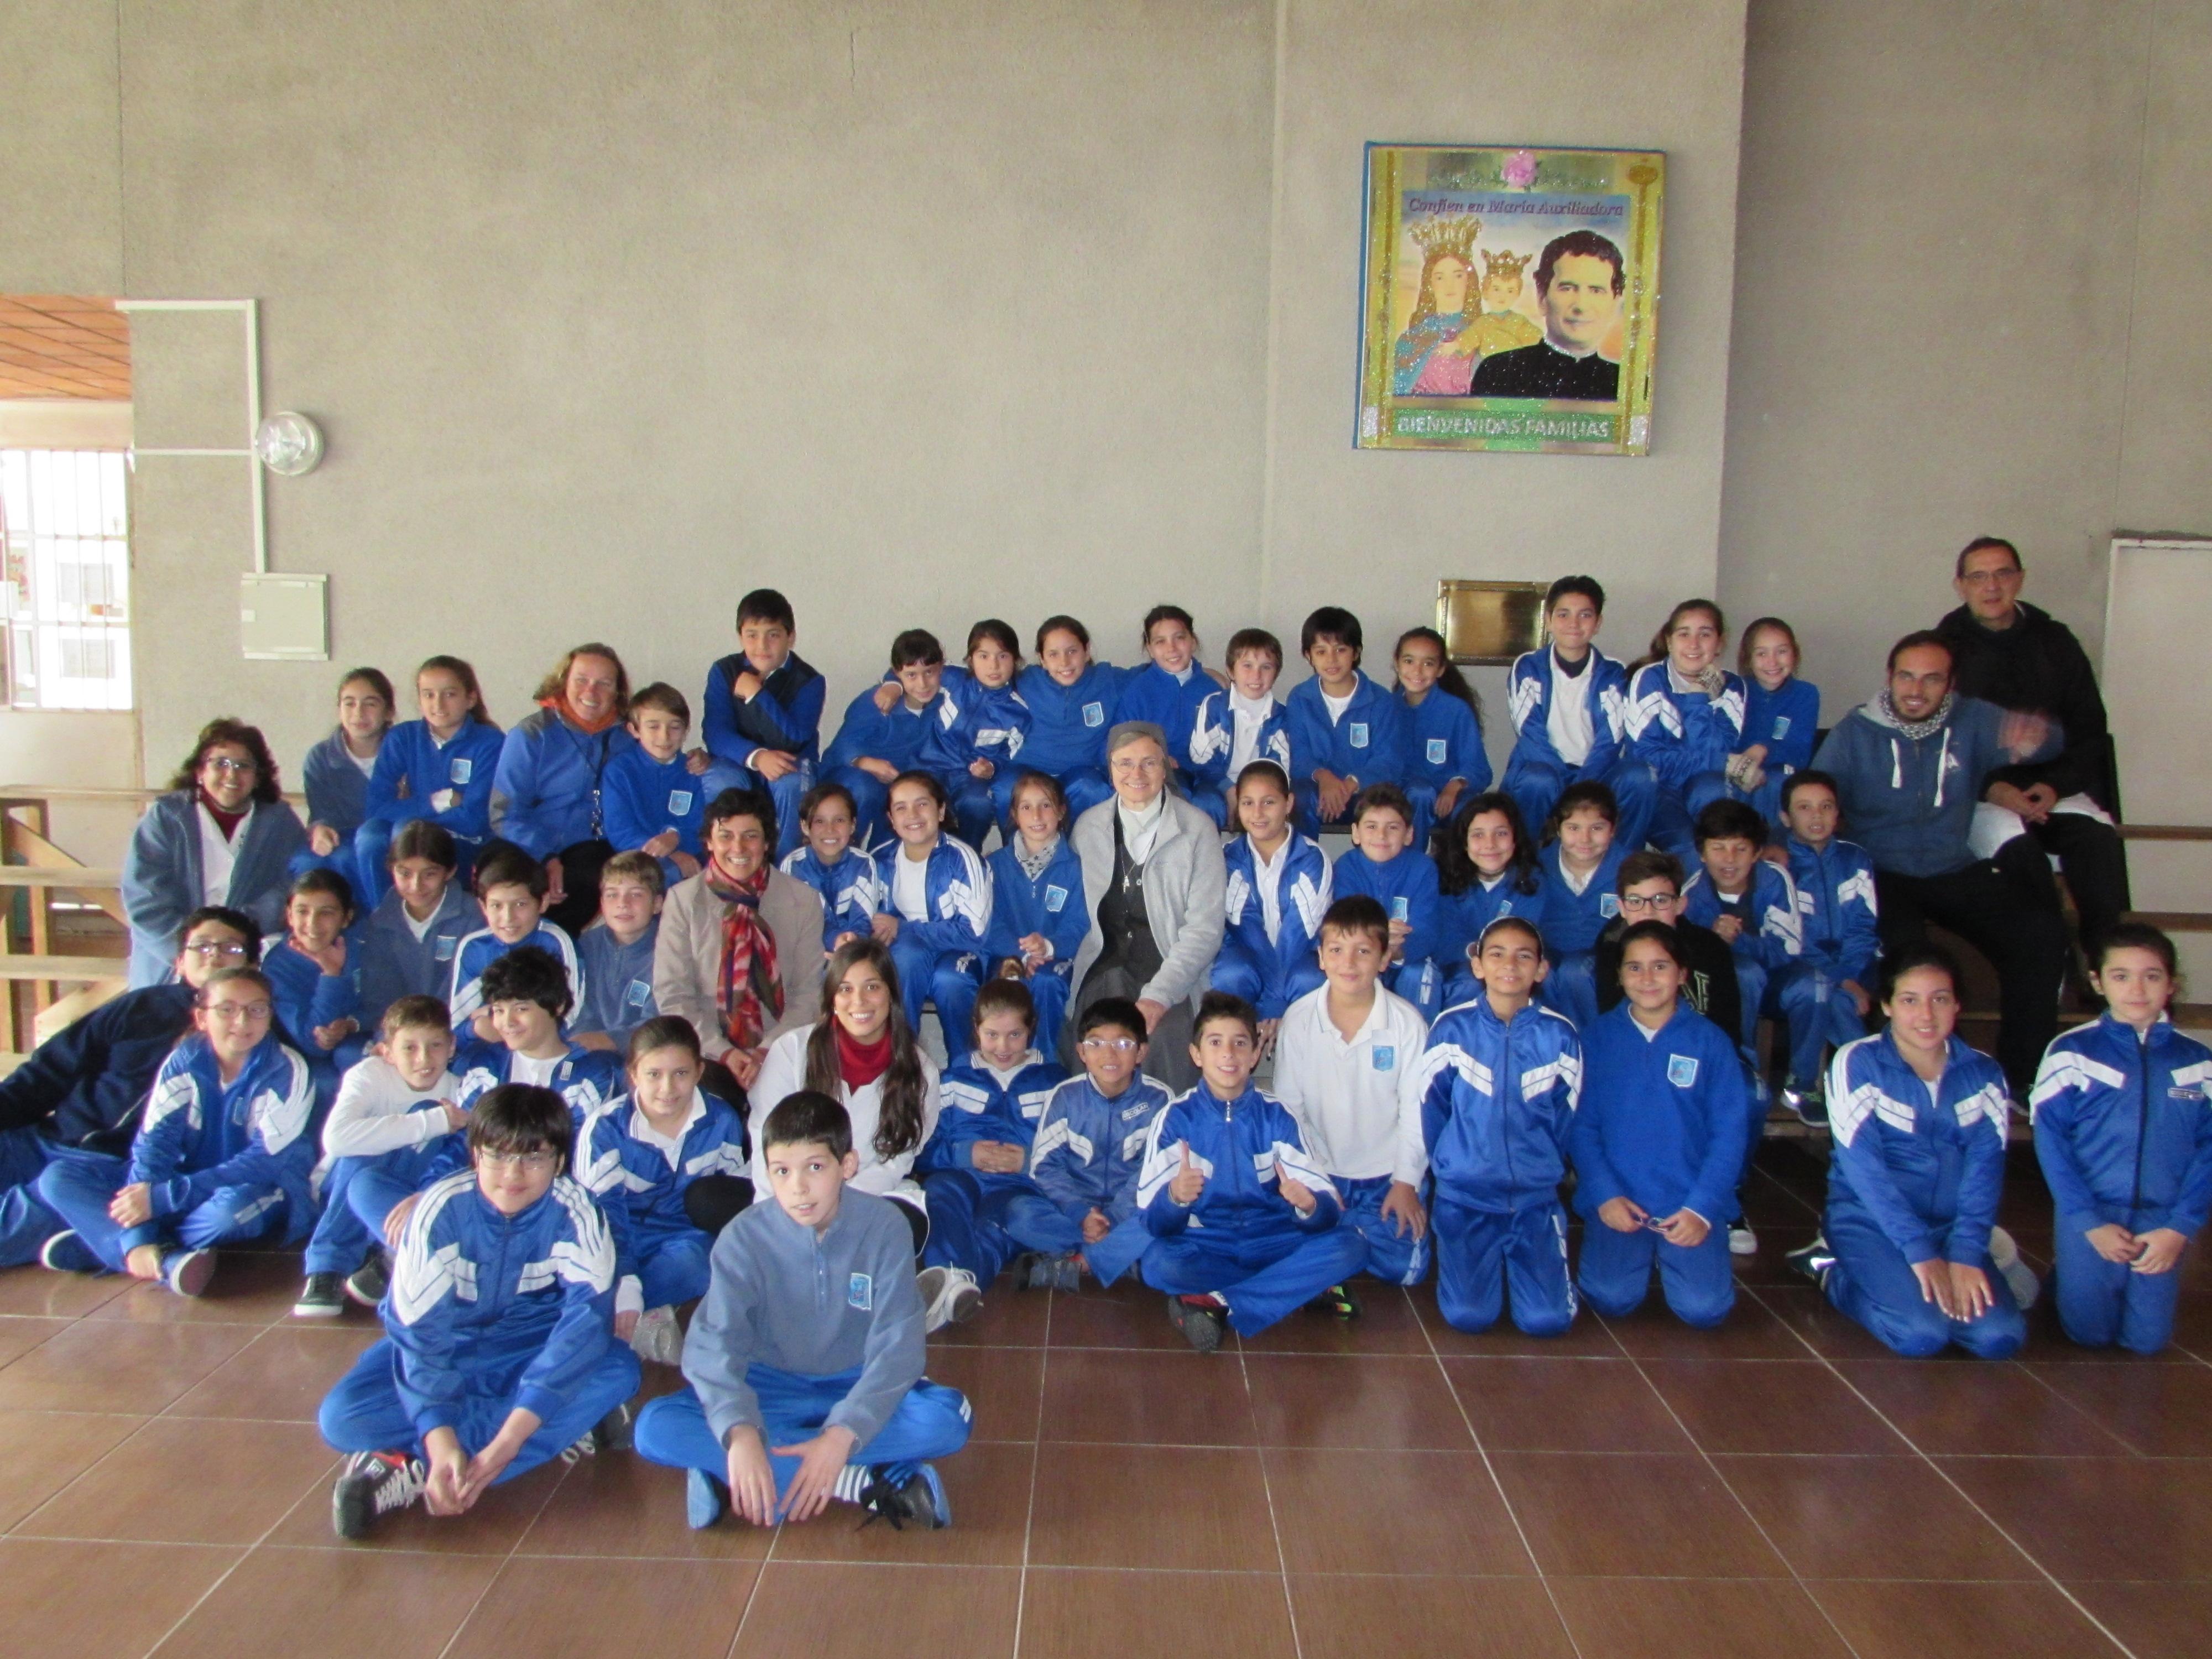 Photo: Primaria la saluda y le canta, invocando a la Patrona del Colegio, la Virgen de Luján. Le regalan tarjetas y mensajes con fotos.